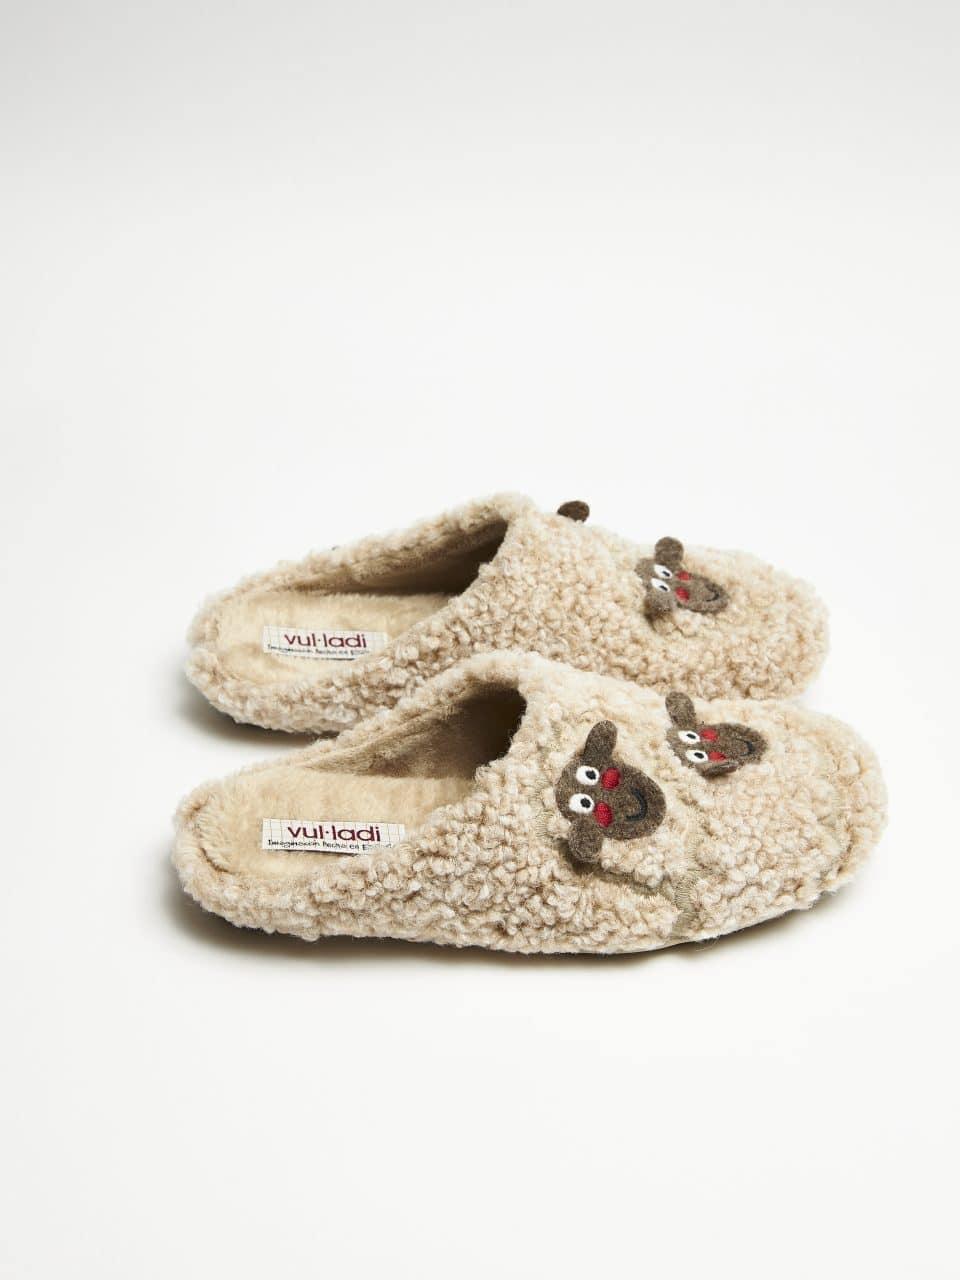 ZUECO CABRIEL BEIG Marcas en Loyna Shoes